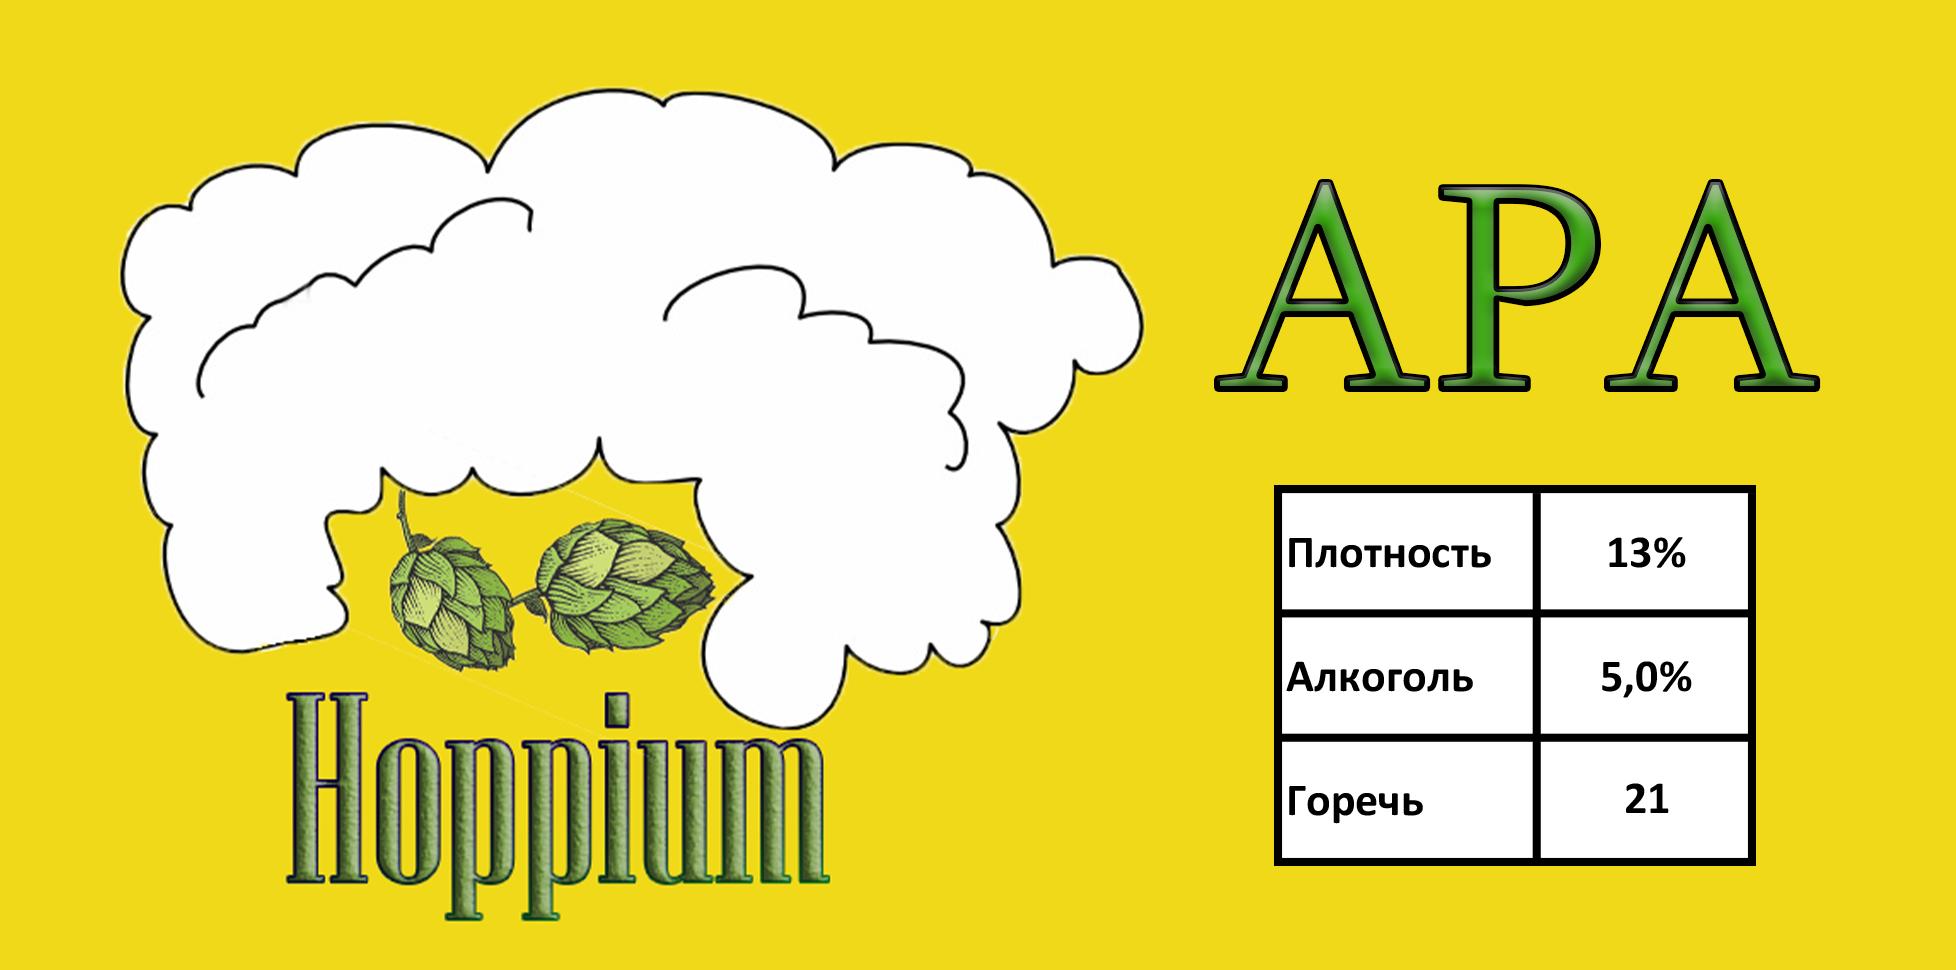 Логотип + Ценники для подмосковной крафтовой пивоварни фото f_5045dbd882430b83.png